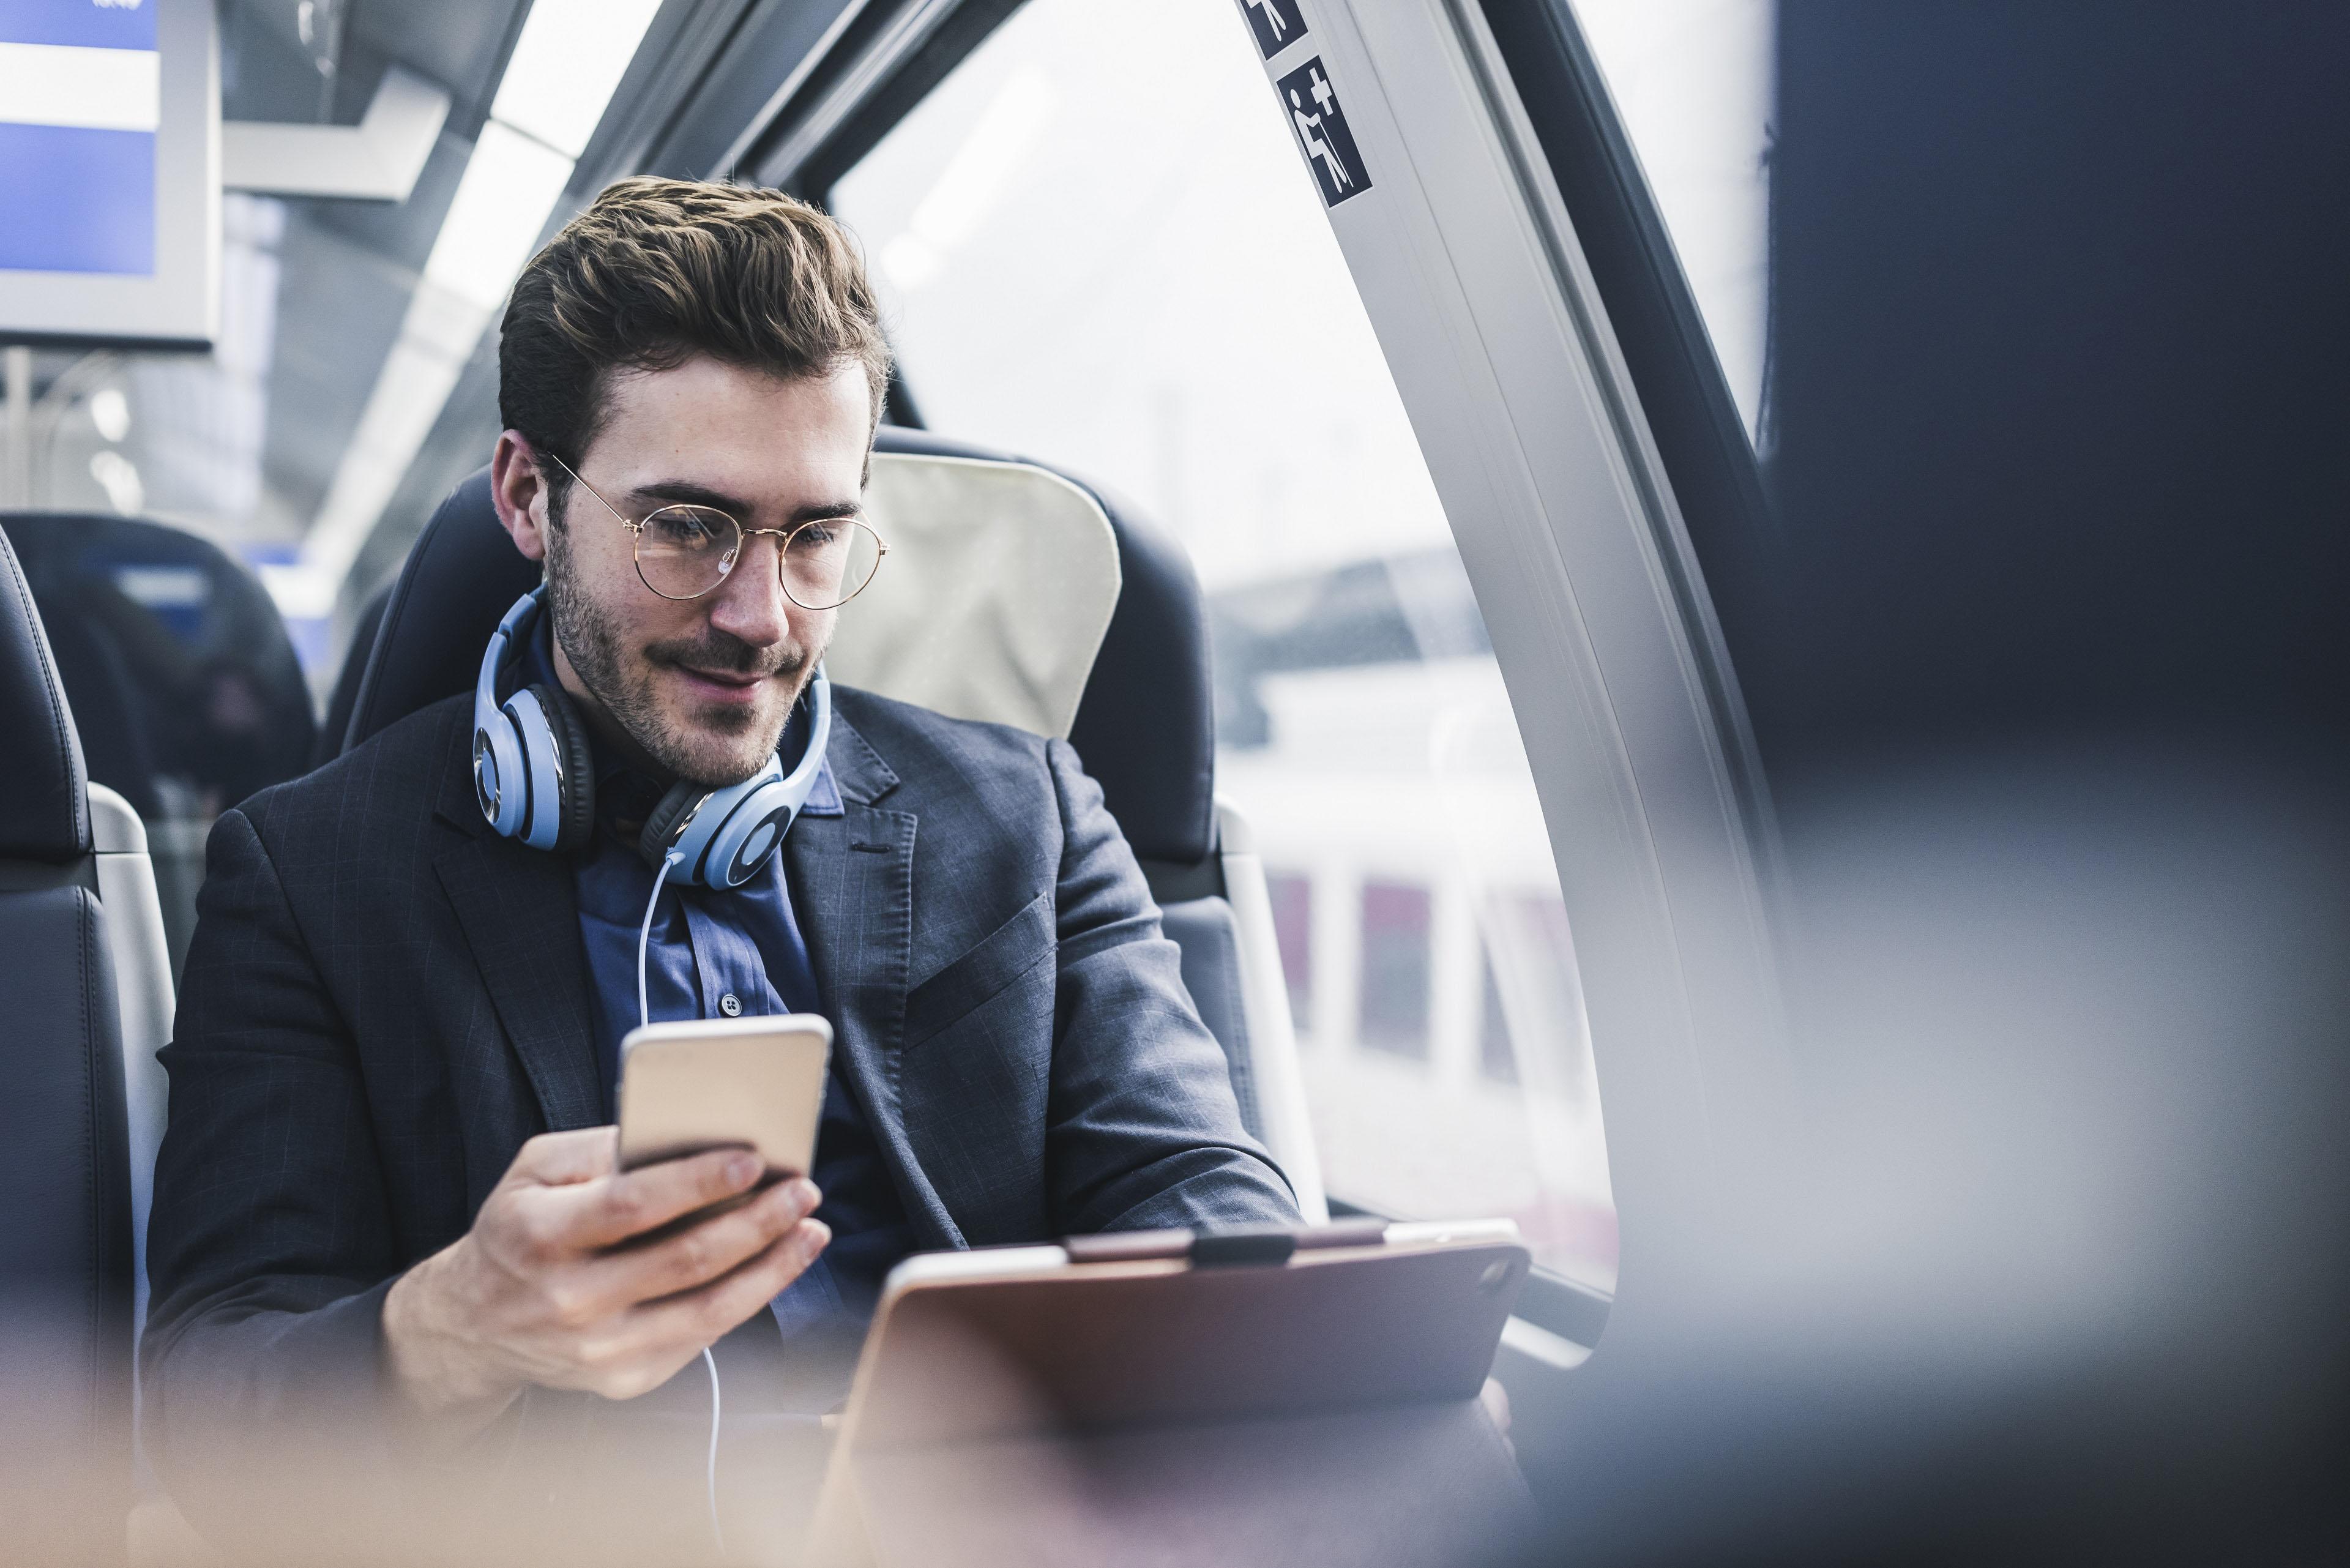 Женщина в очках проверяет свой телефон в метро